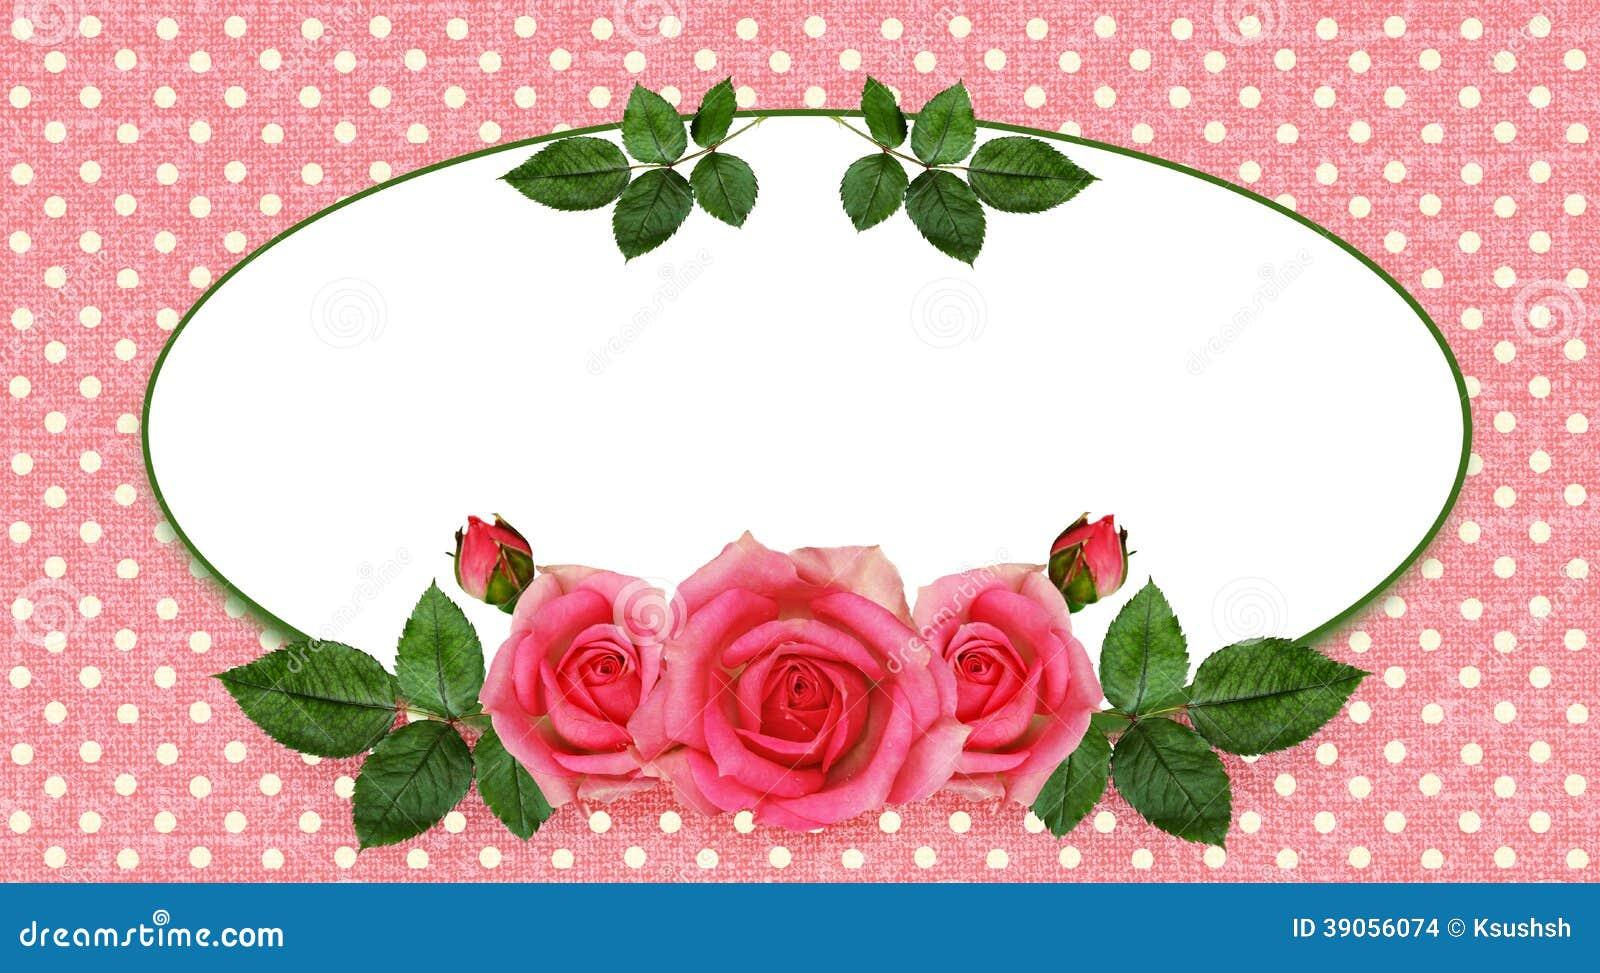 Arranjo e quadro de flores de Rosa